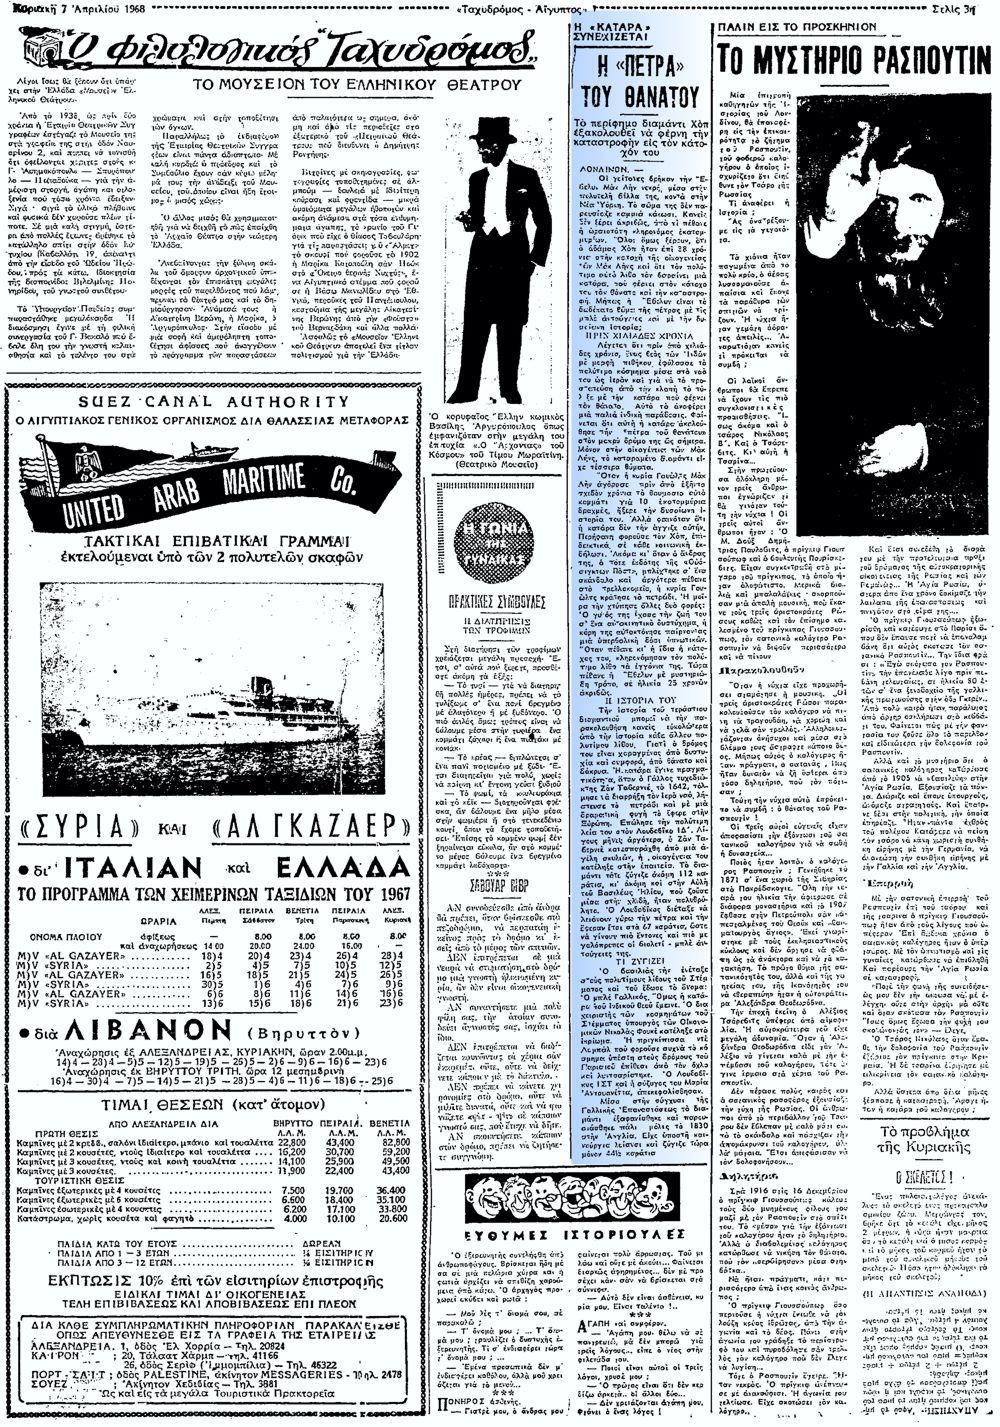 """Το άρθρο, όπως δημοσιεύθηκε στην εφημερίδα """"ΤΑΧΥΔΡΟΜΟΣ"""", στις 07/04/1968"""